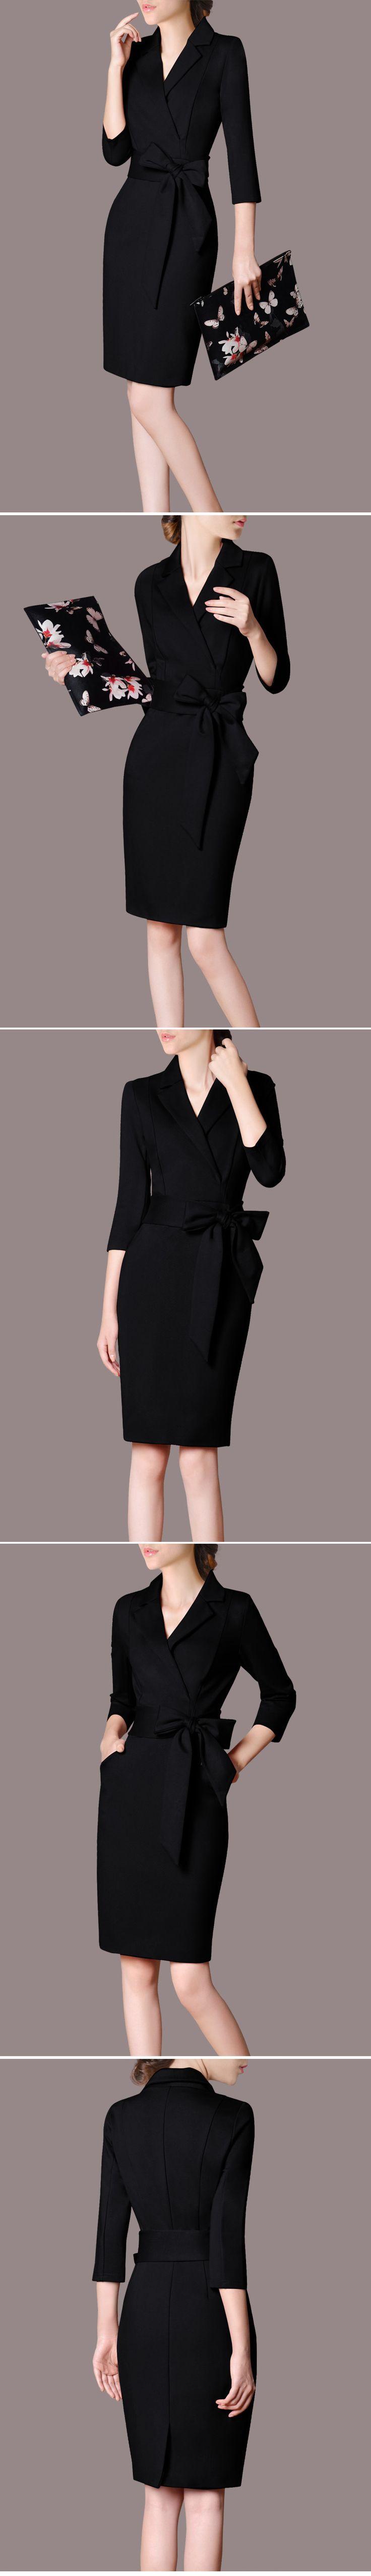 职业装女装套装春装工作服连衣裙修身时尚OL正装气质工装套装裙-tmall.com天猫